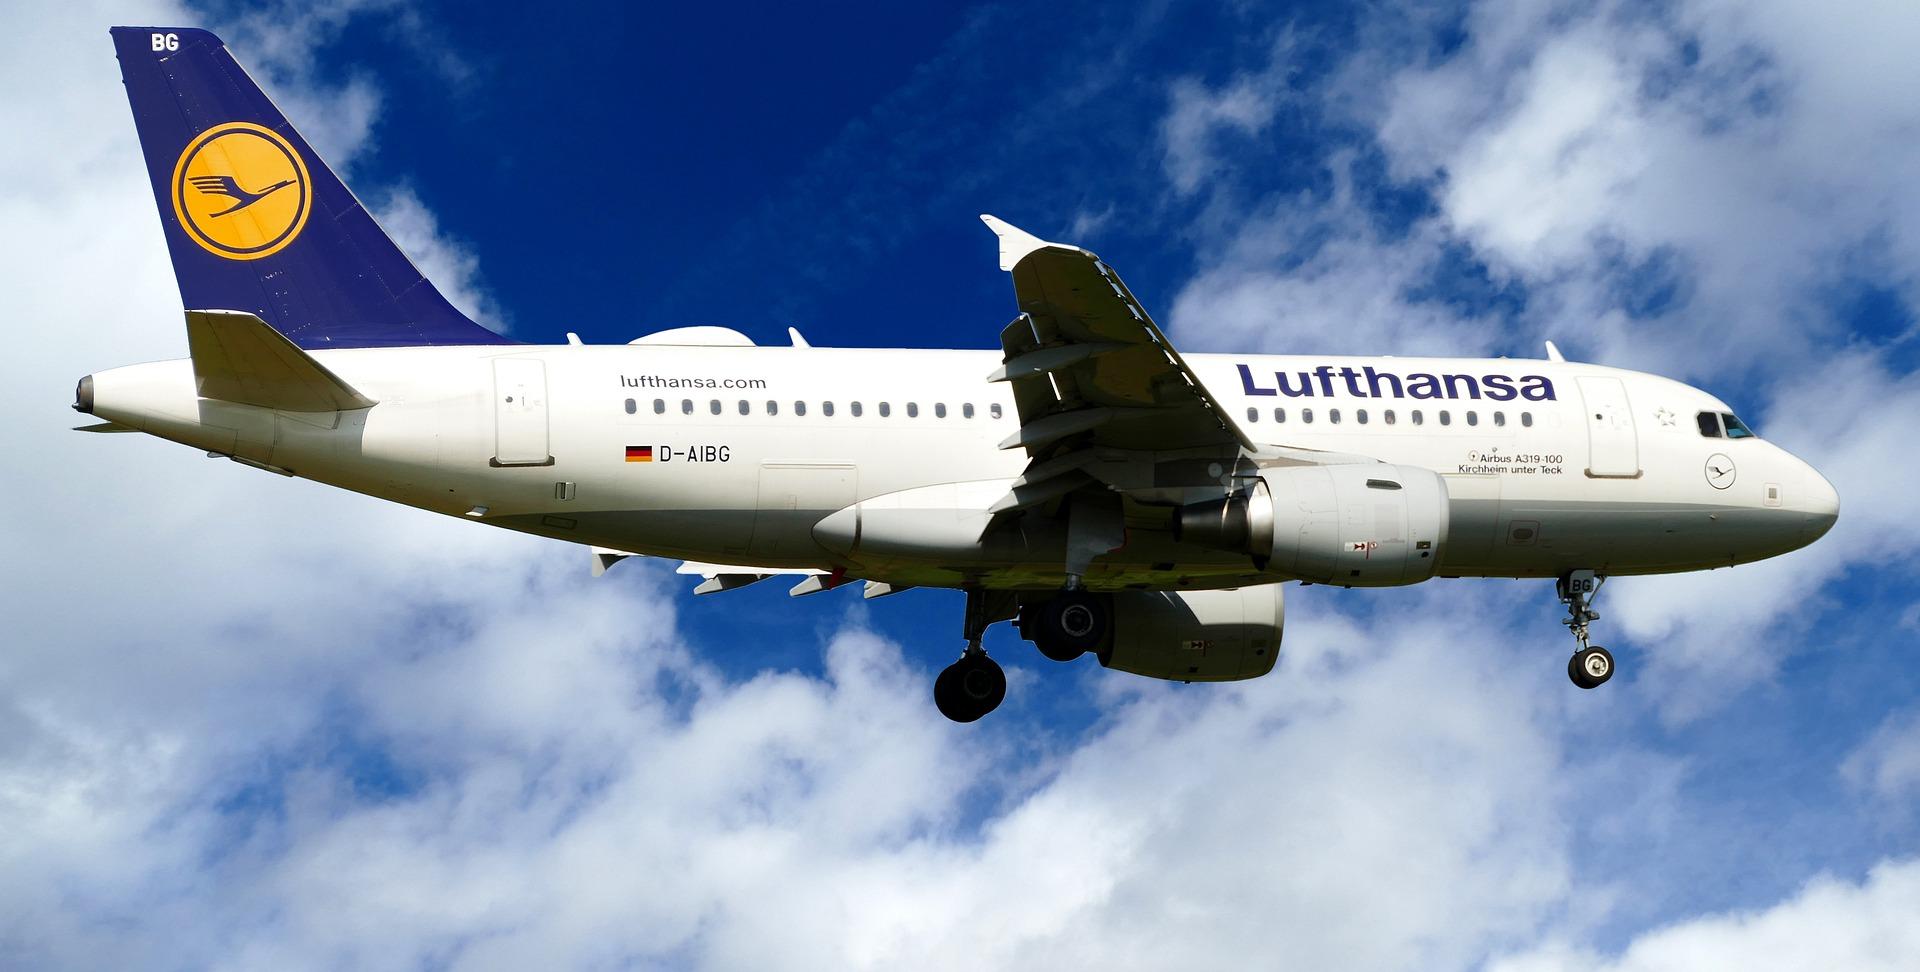 燕莎航空公司,法航-荷蘭皇家航空公司(Iag):航空公司的帳務狀況如何